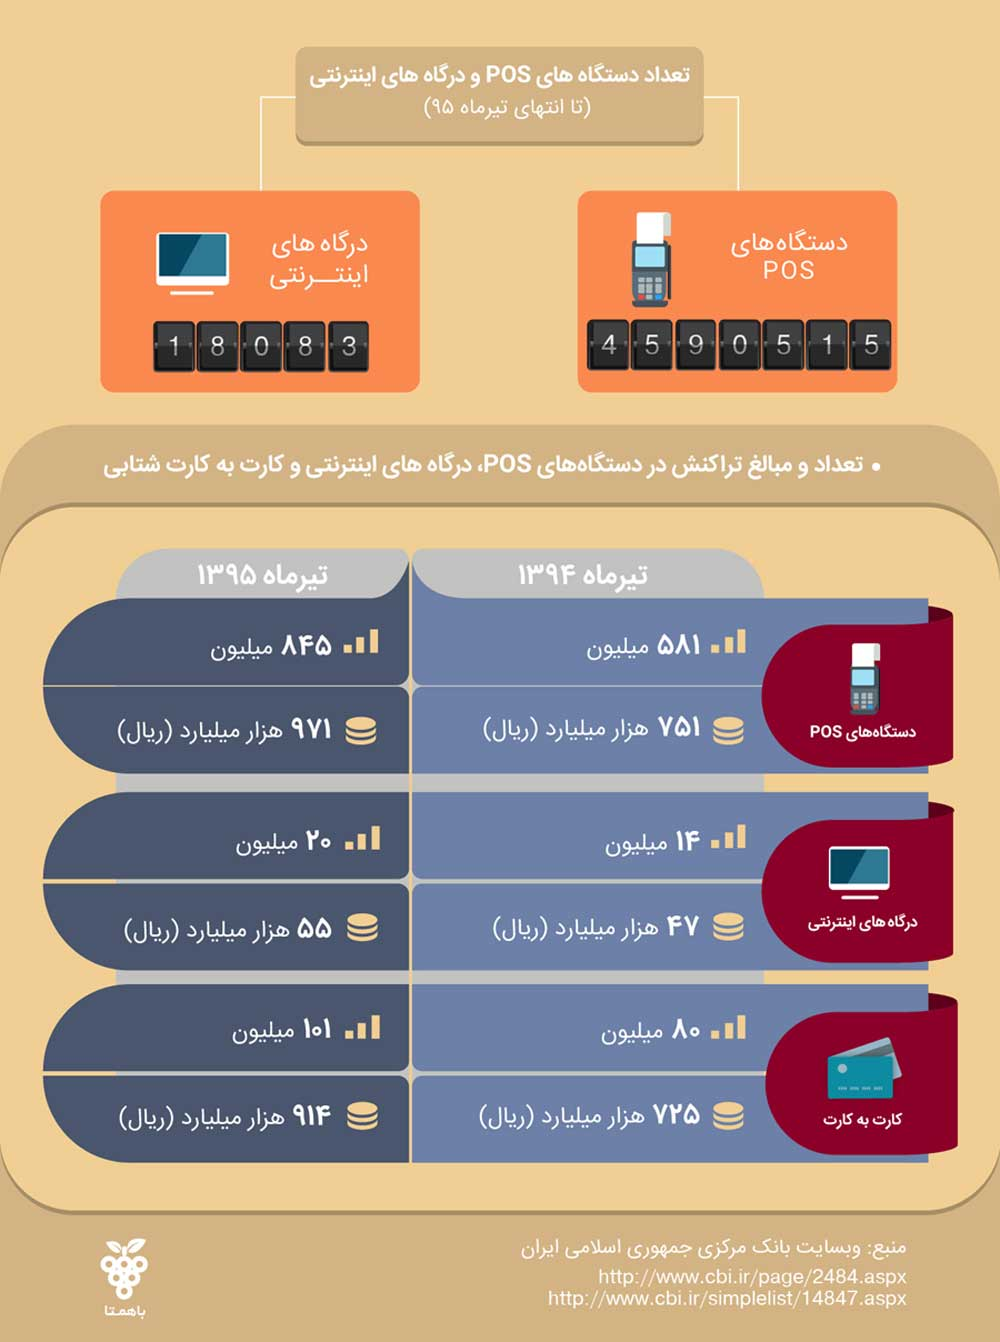 مقایسه تعداد تراکنش و مبلغ تراکنش دستگاه پوز، درگاه اینترنتی و کارت به کارت